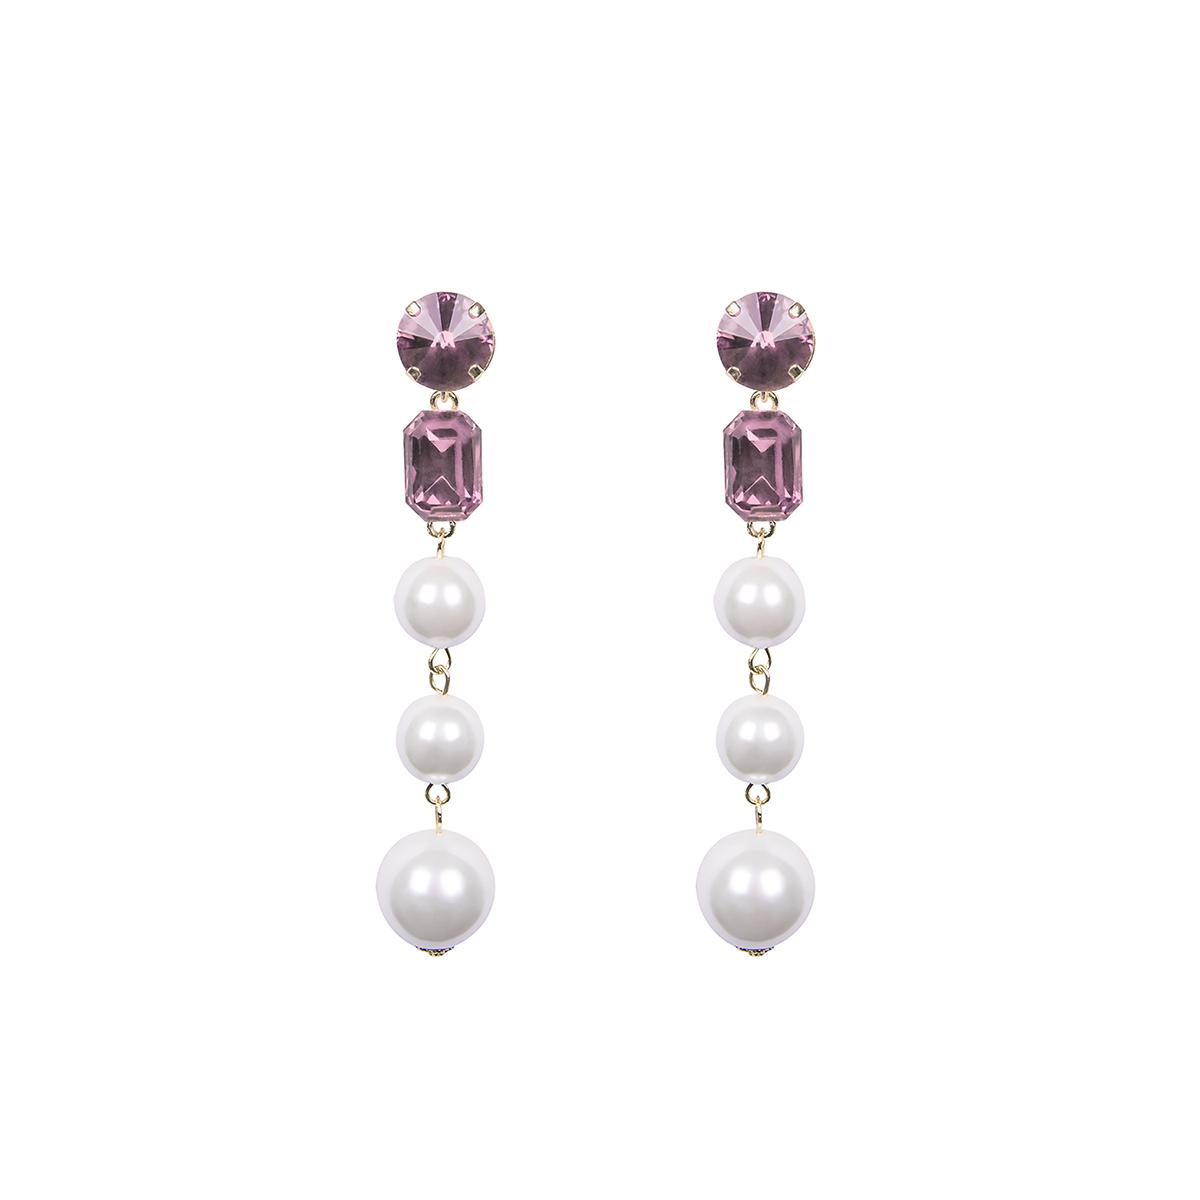 Teria Yabar - Pendientes de perlas y cristal rosa